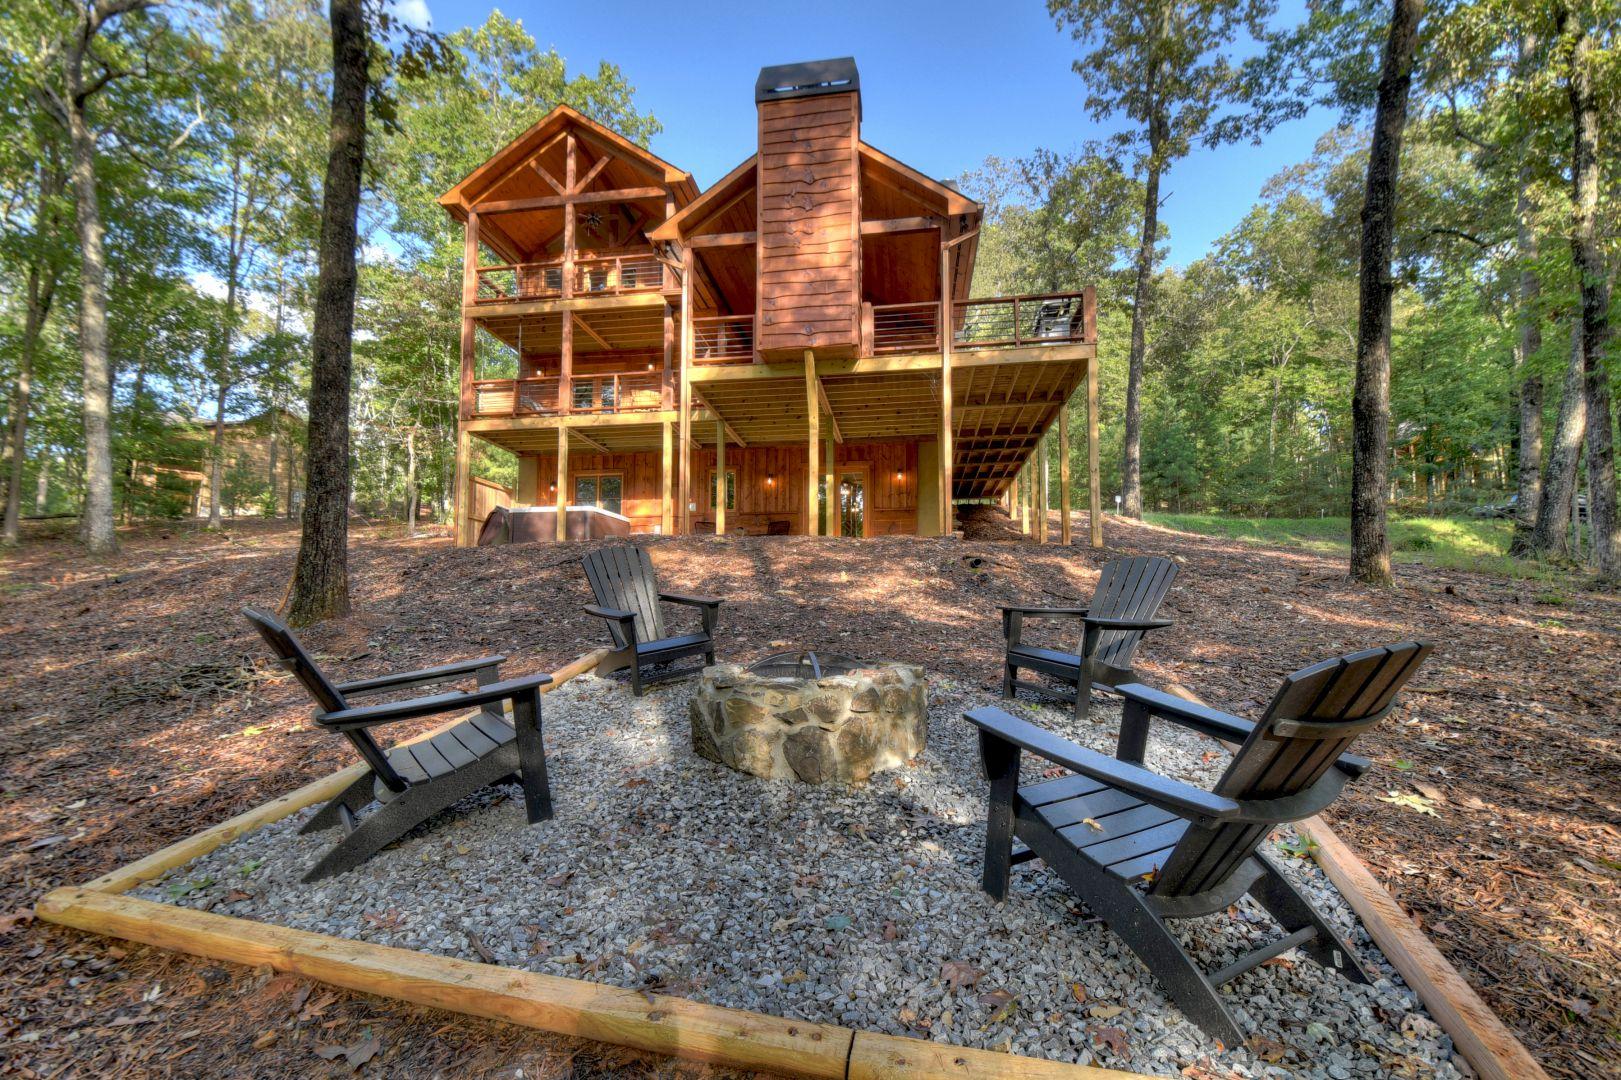 Rusty Nail | Blue Ridge Georgia Cabins